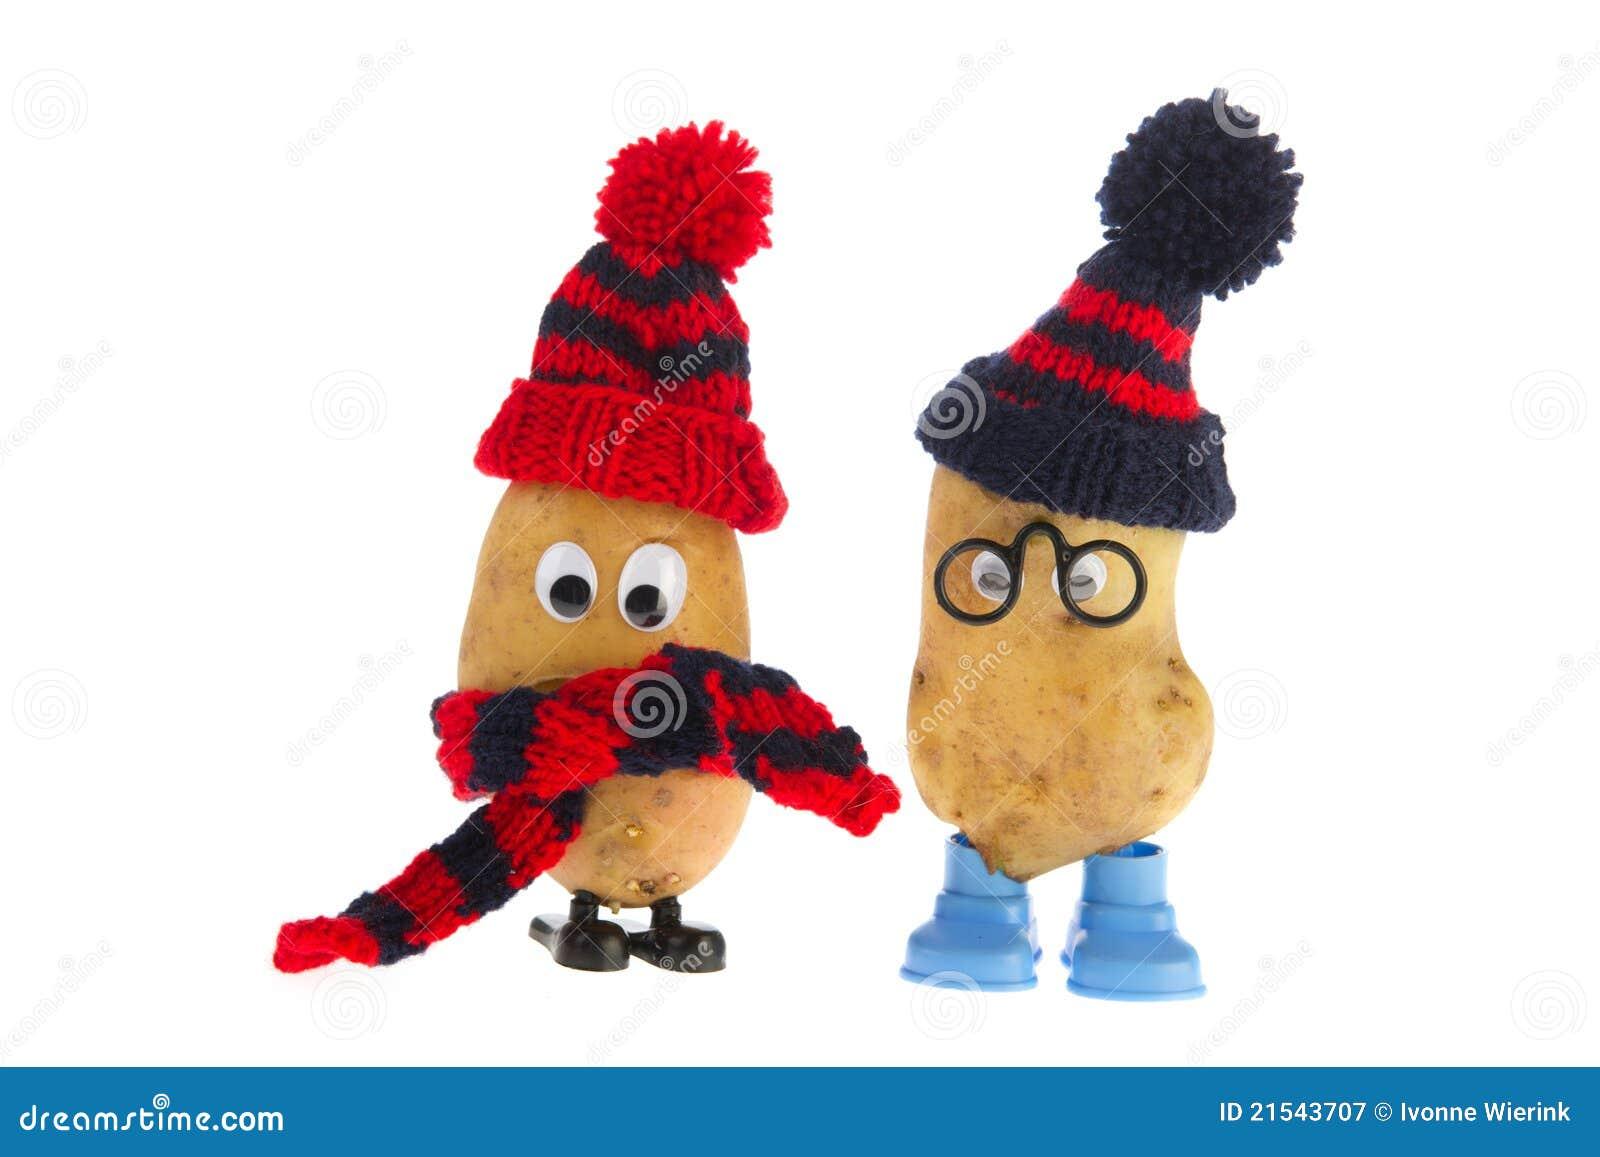 Teste della patata